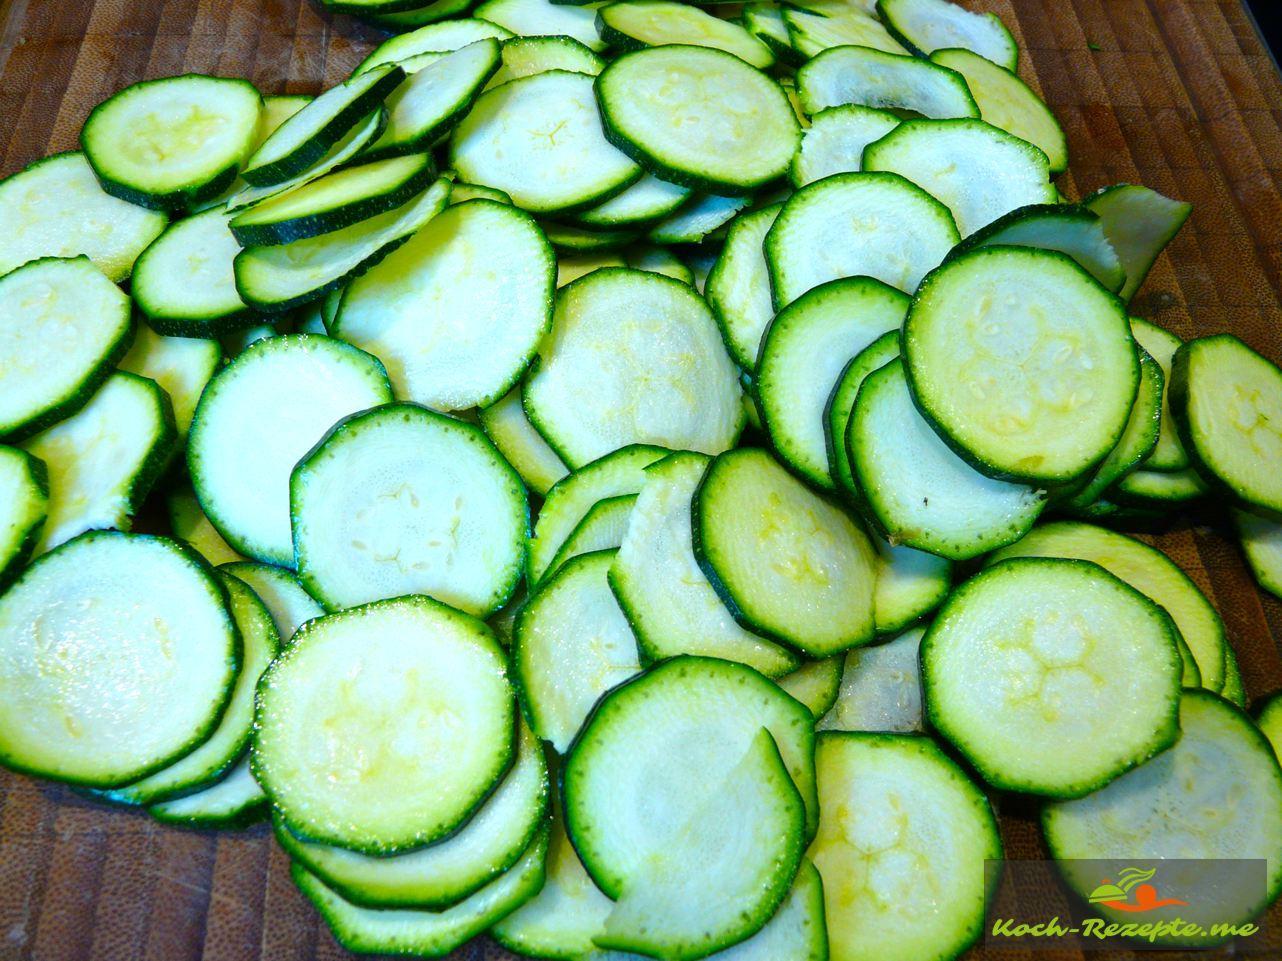 Zucchini-Chips selber gemacht lecker und leicht auch zur Zucchinisuppe mit Ingwer zu servieren, Zucchini in Scheiben schneiden